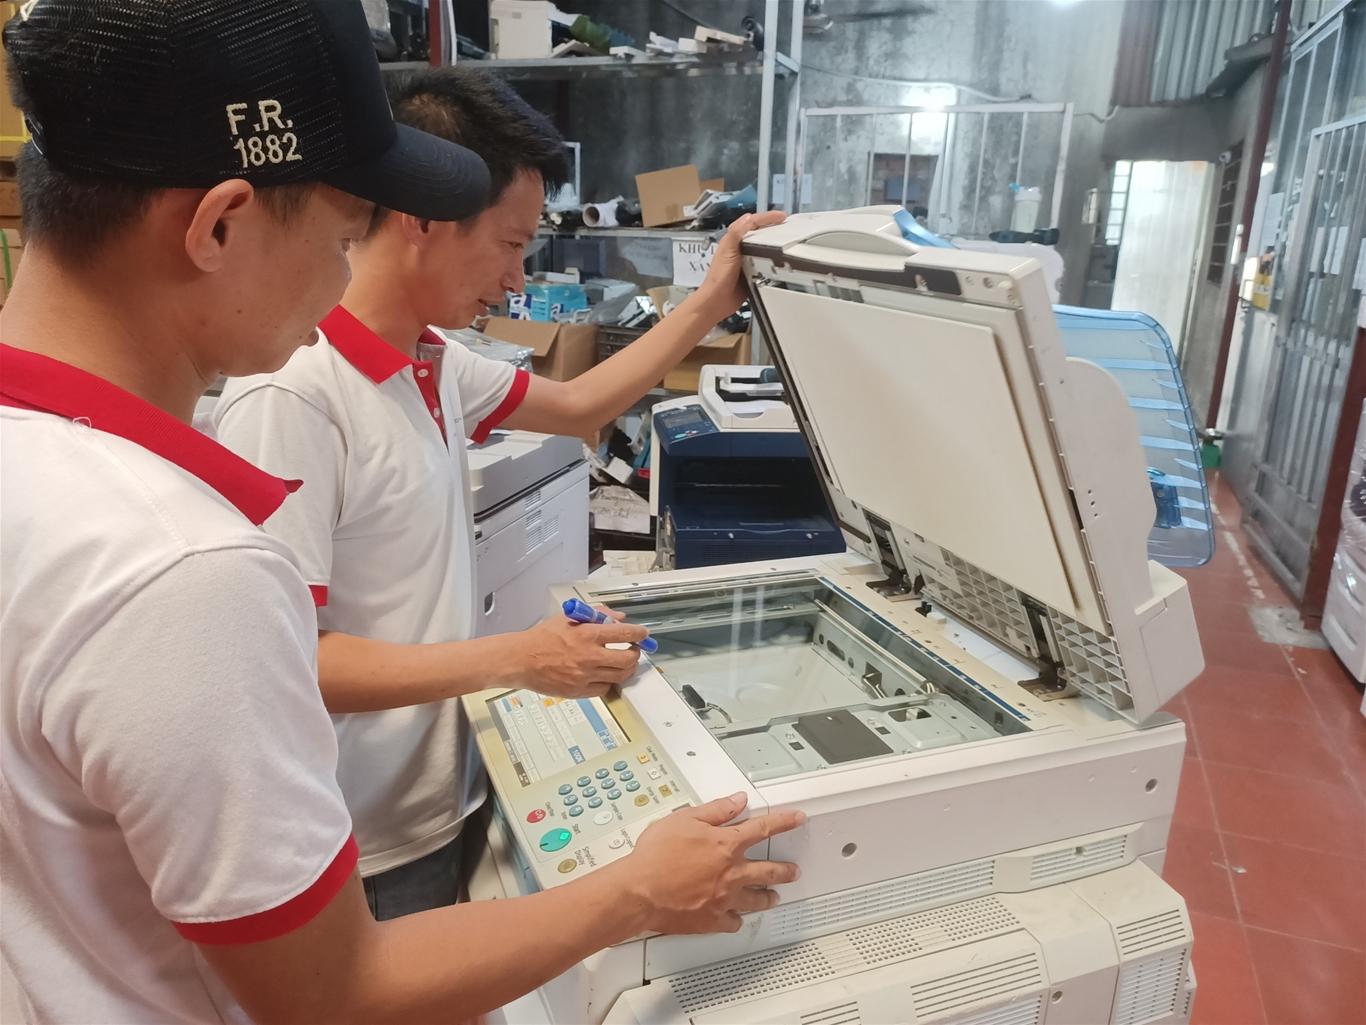 Tuyển kỹ thuật viên sửa chữa máy photocopy - tuyển kỹ thuật học việc sửa chữa máy photocopy